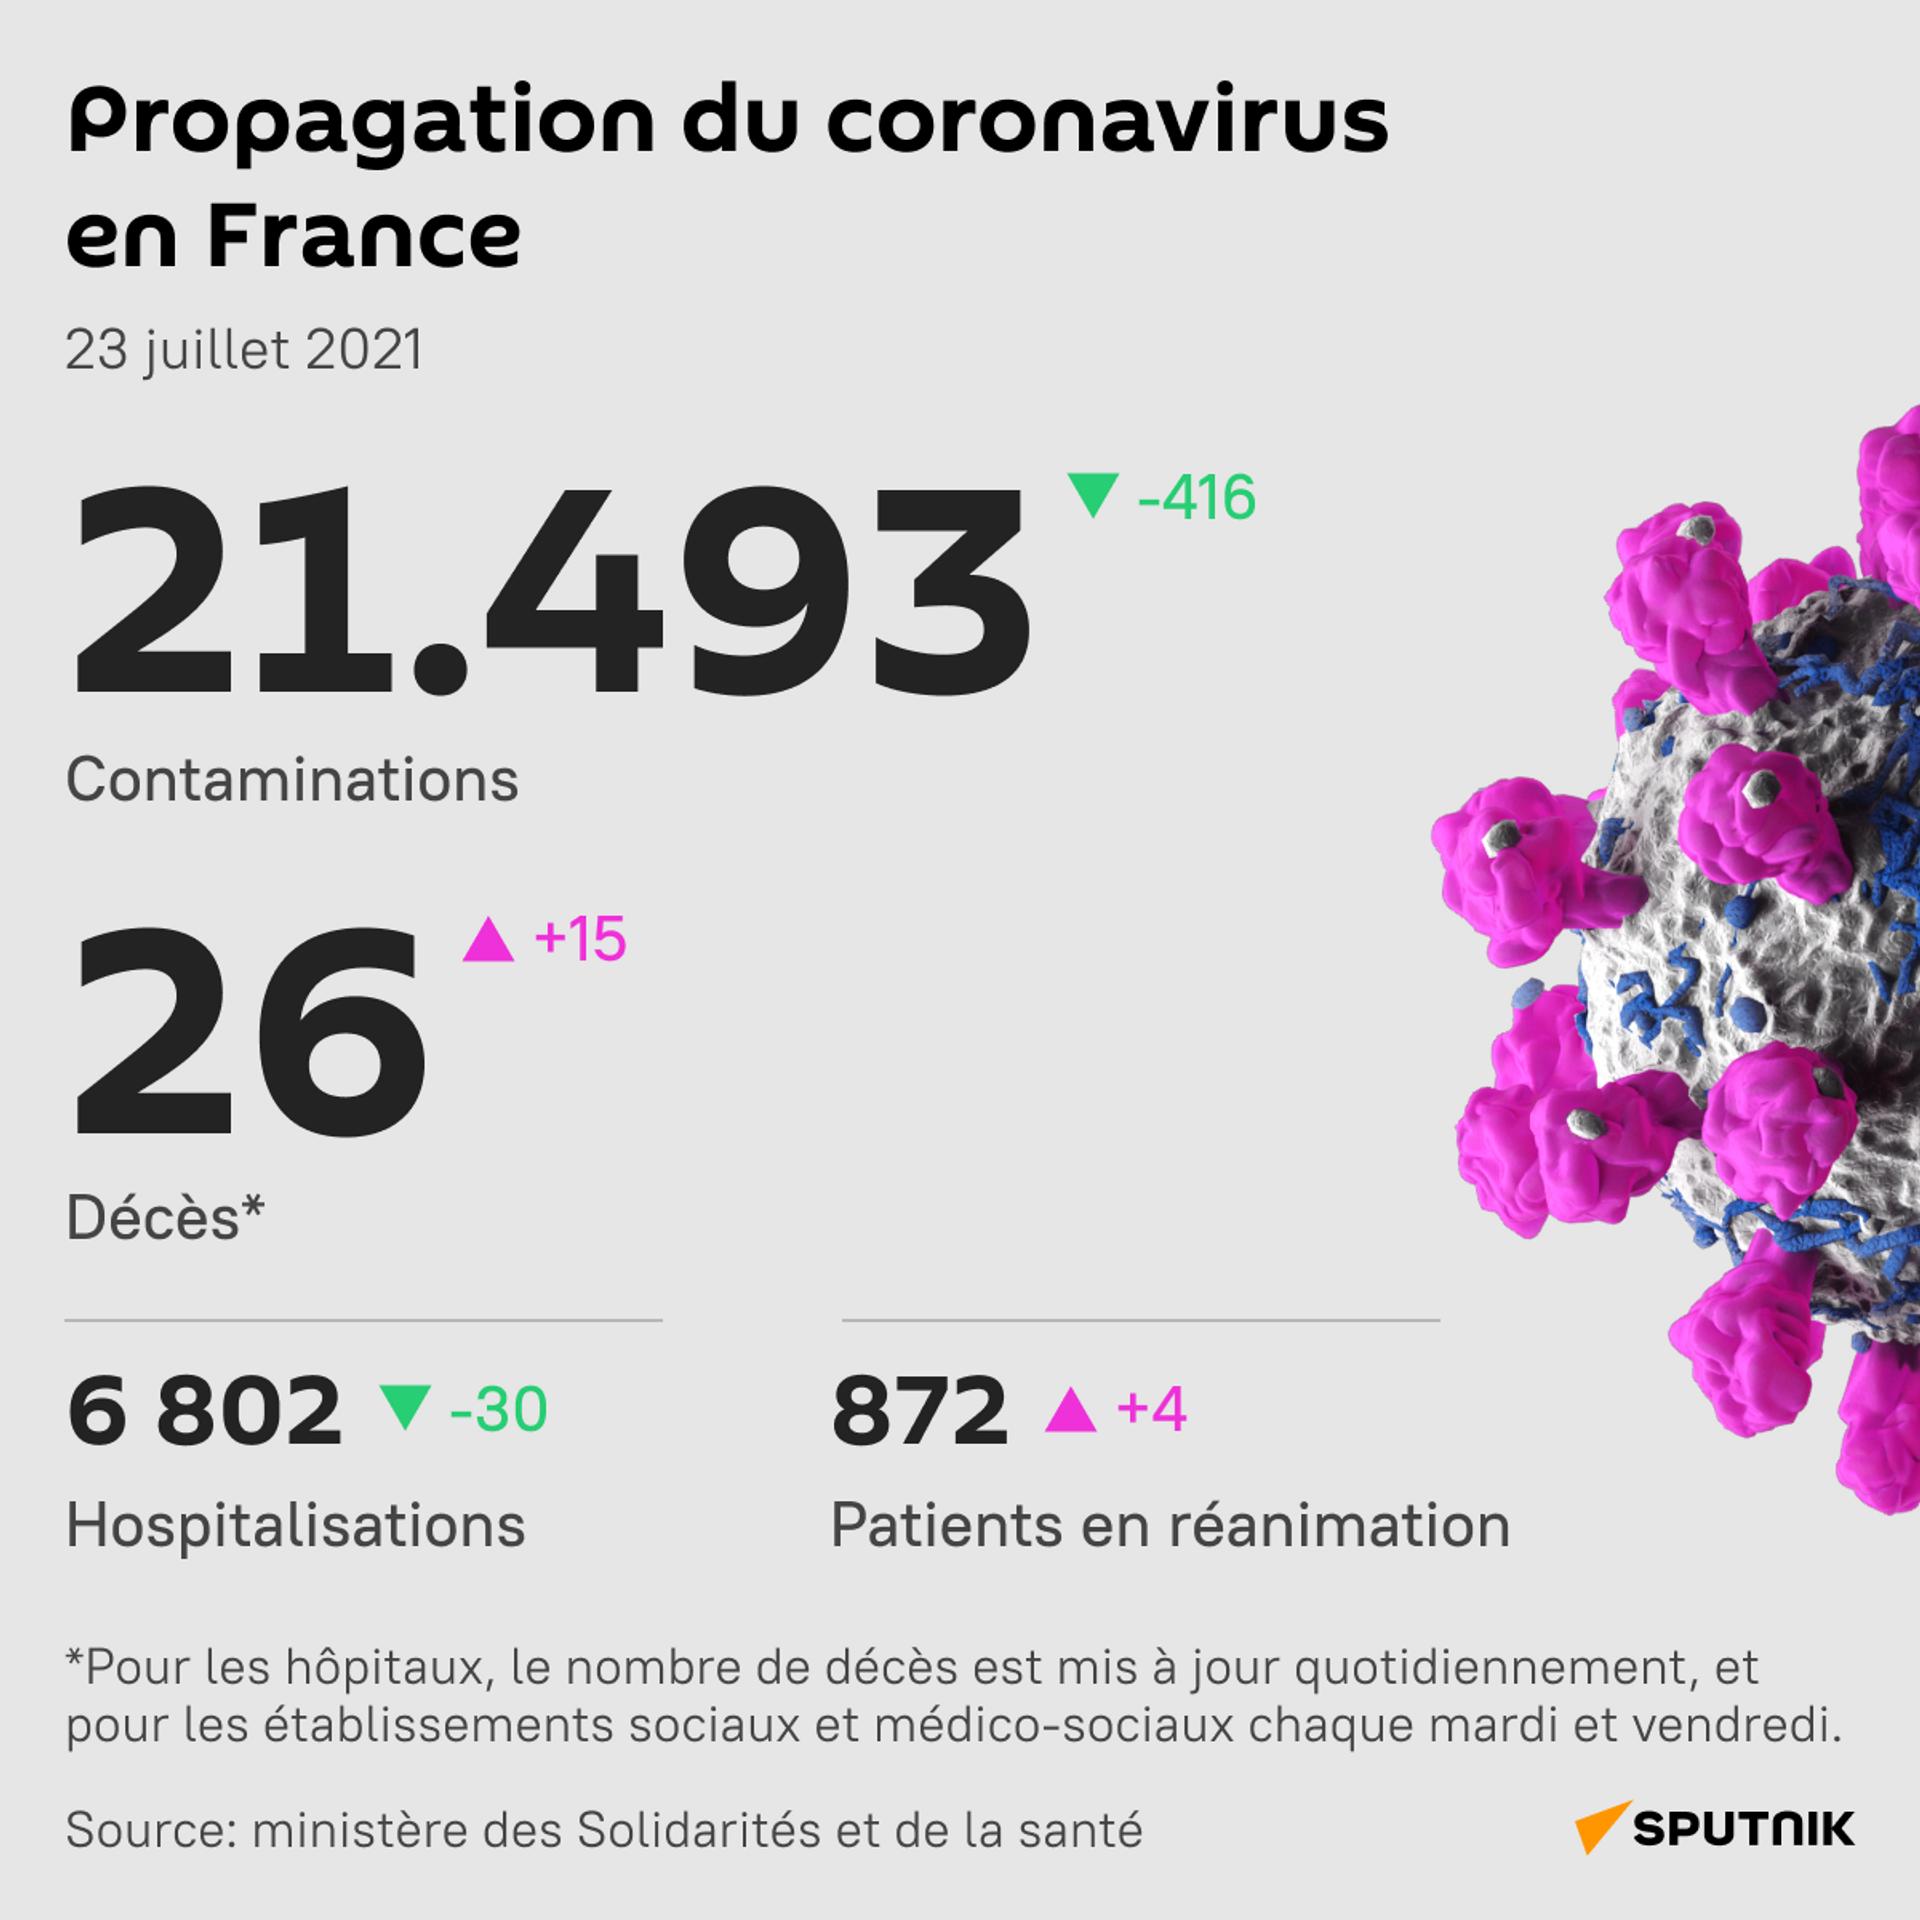 Plus de 21.000 nouveaux cas de Covid comptabilisés en France pour le troisième jour consécutif - Sputnik France, 1920, 23.07.2021